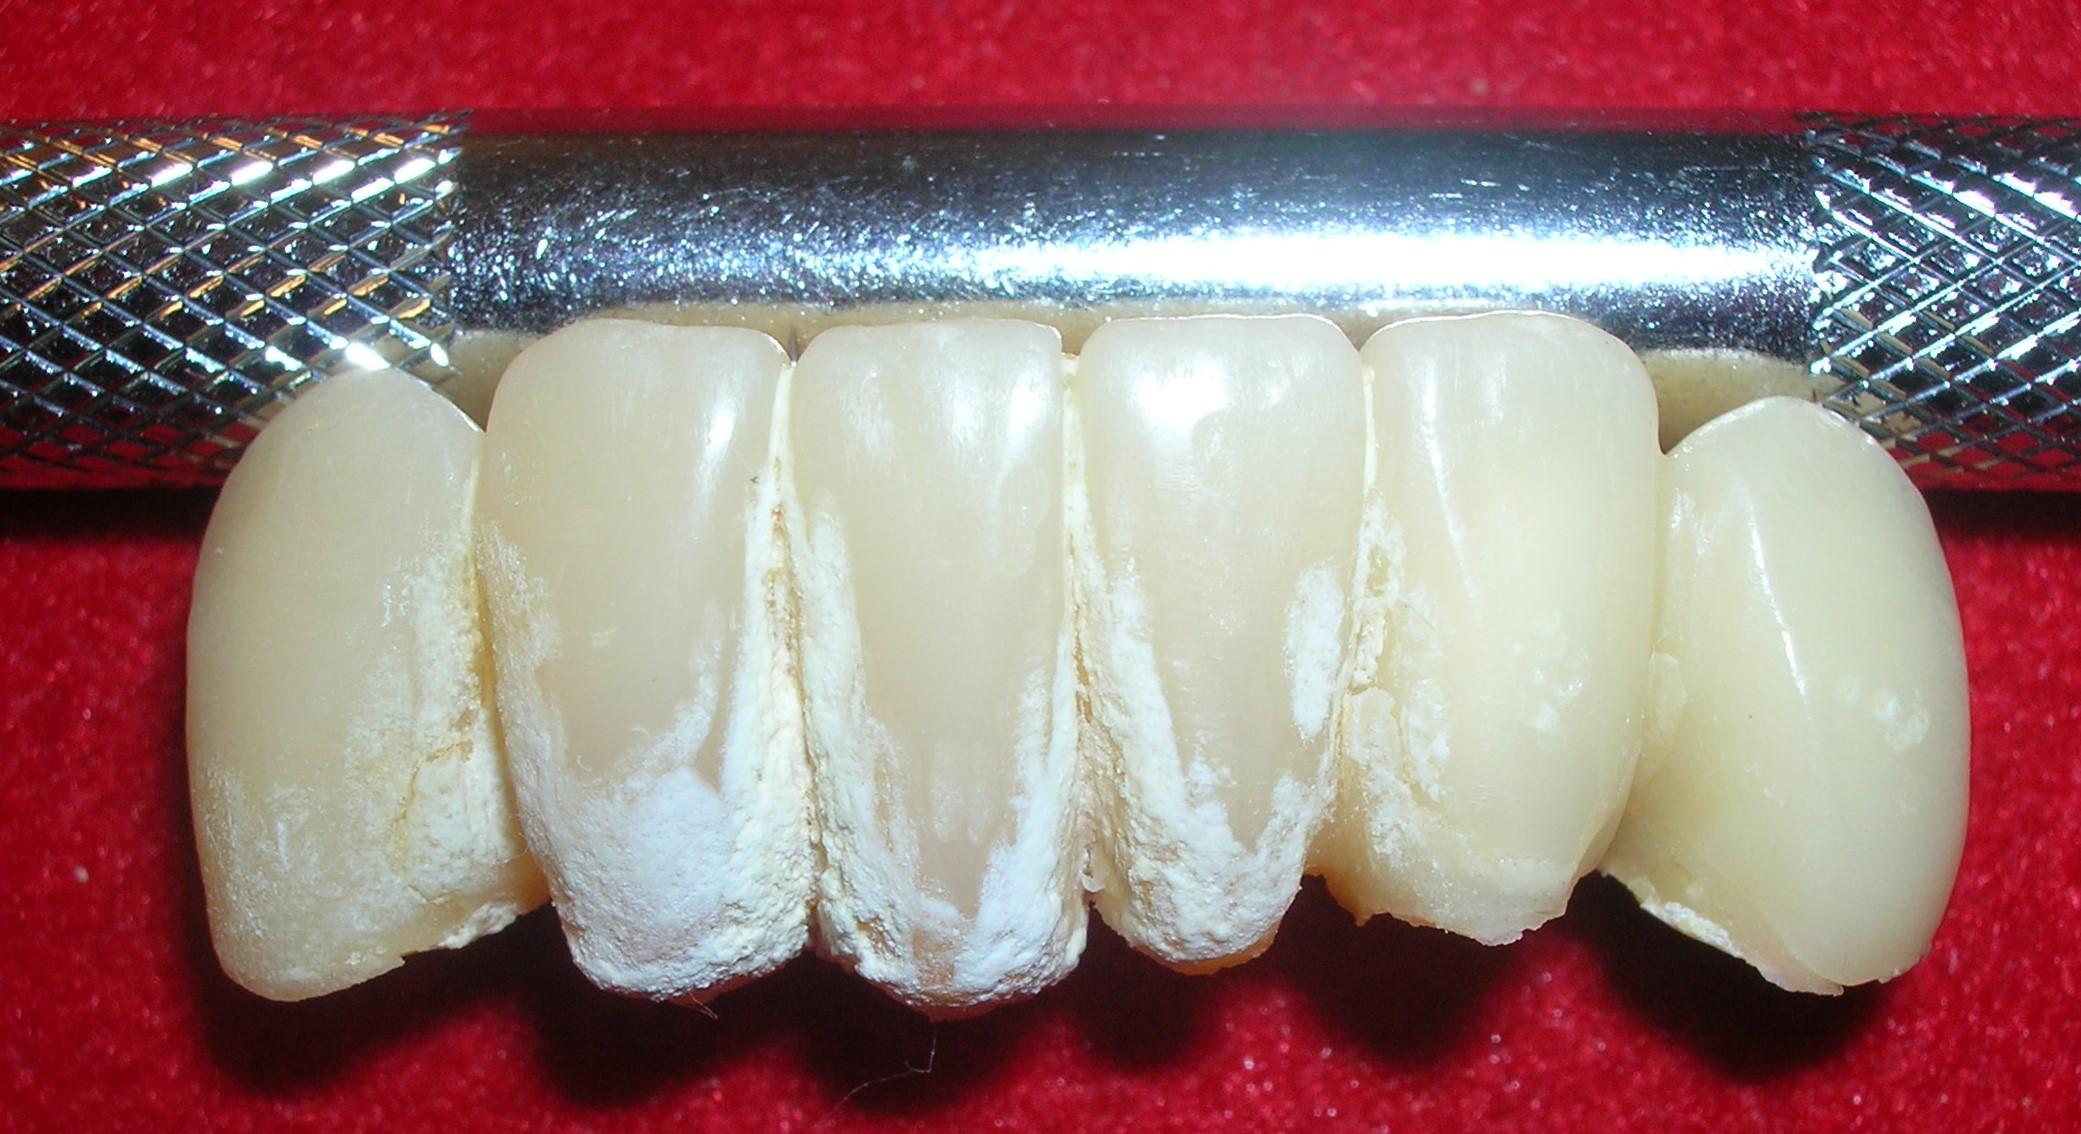 Cálculo dental sobre dientes provisionales